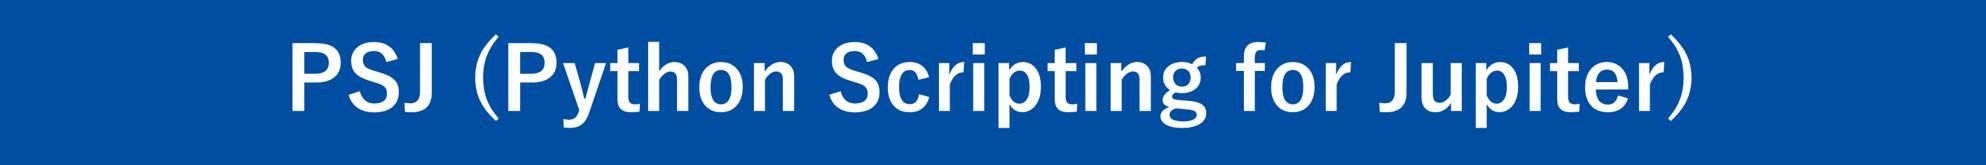 PSJ (Python Scripting for Jupiter)